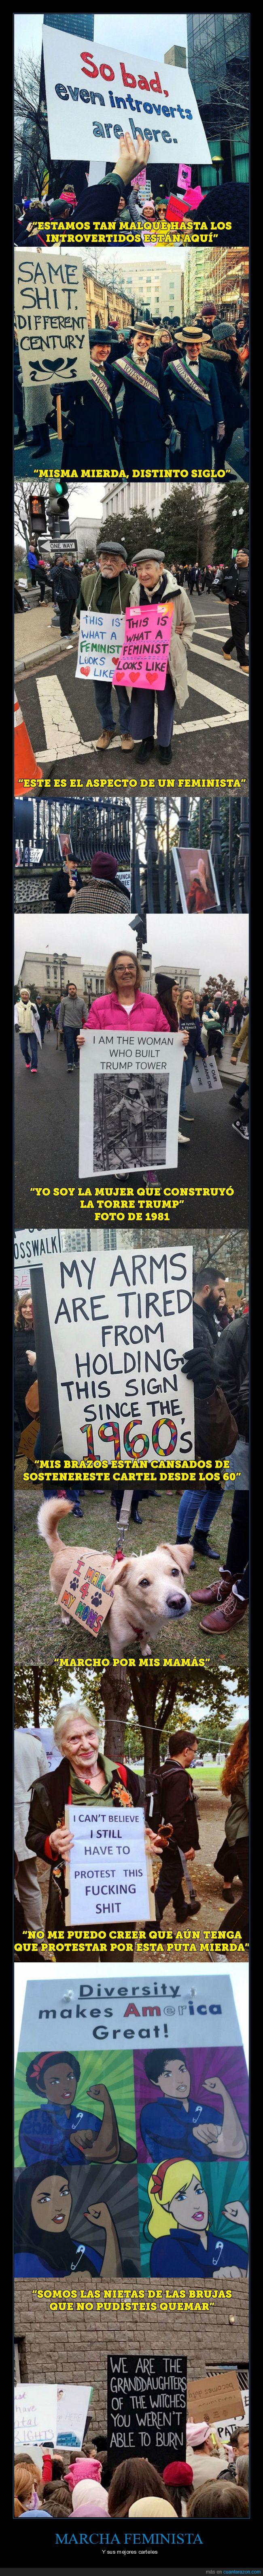 22 ene,carteles,marcha feminista,reivindicación